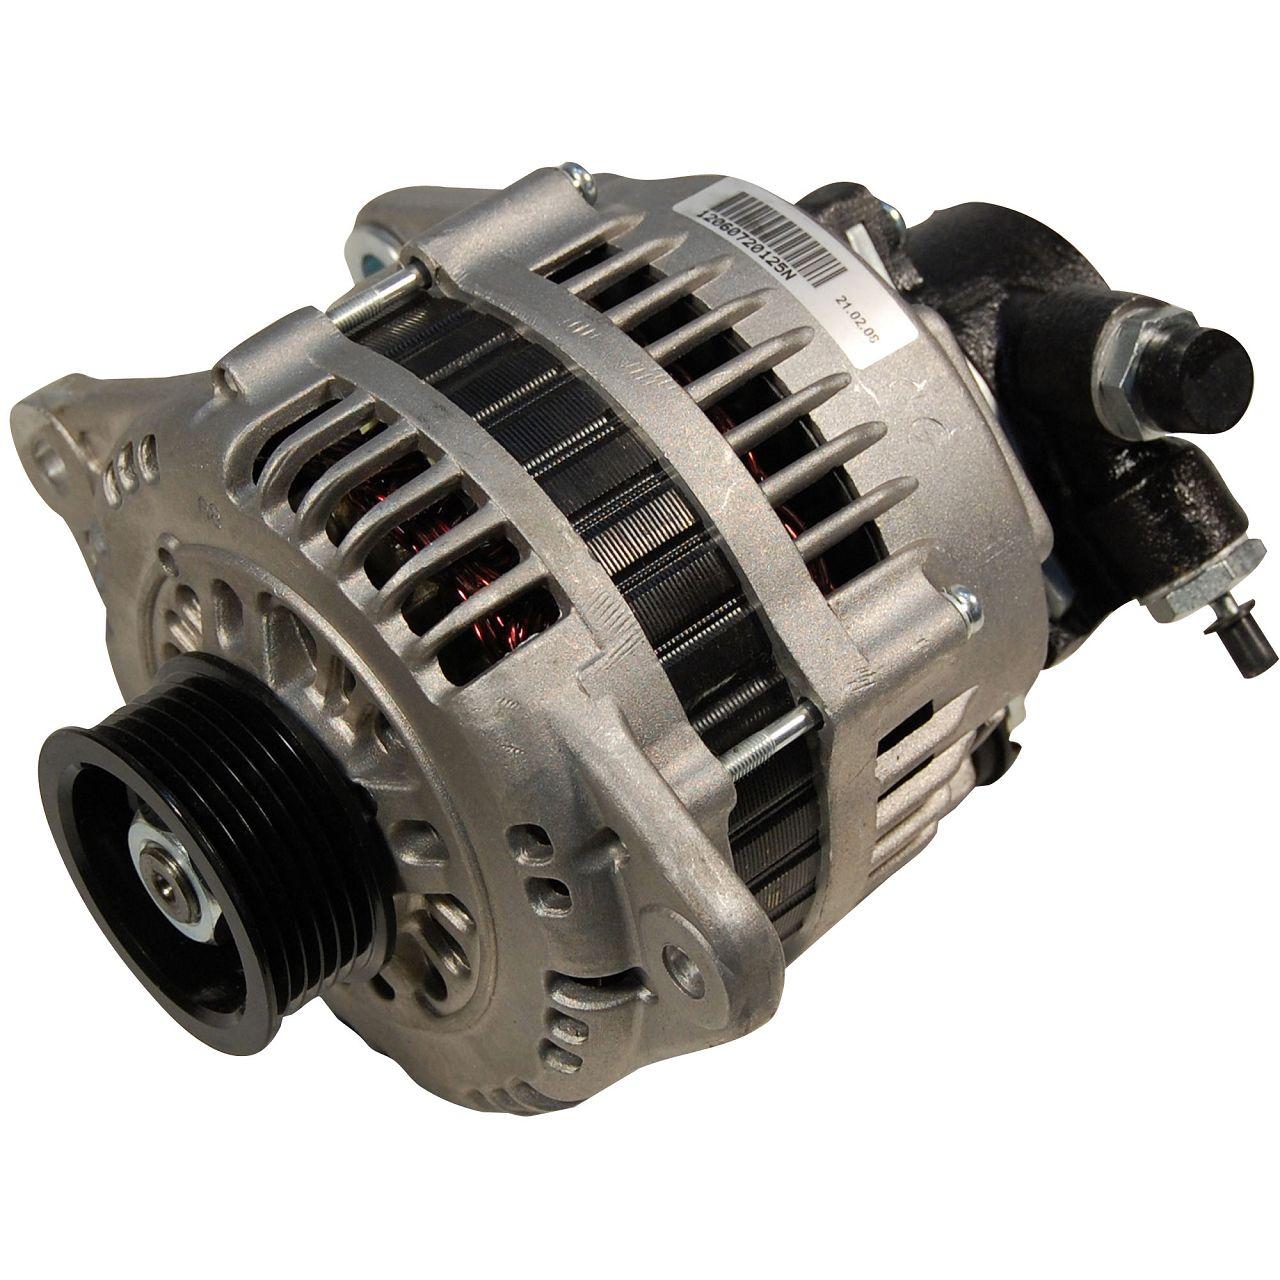 Lichtmaschine Generator 100A für Opel Astra G Combo Corsa C Meriva A 1.7CDTI/DTI